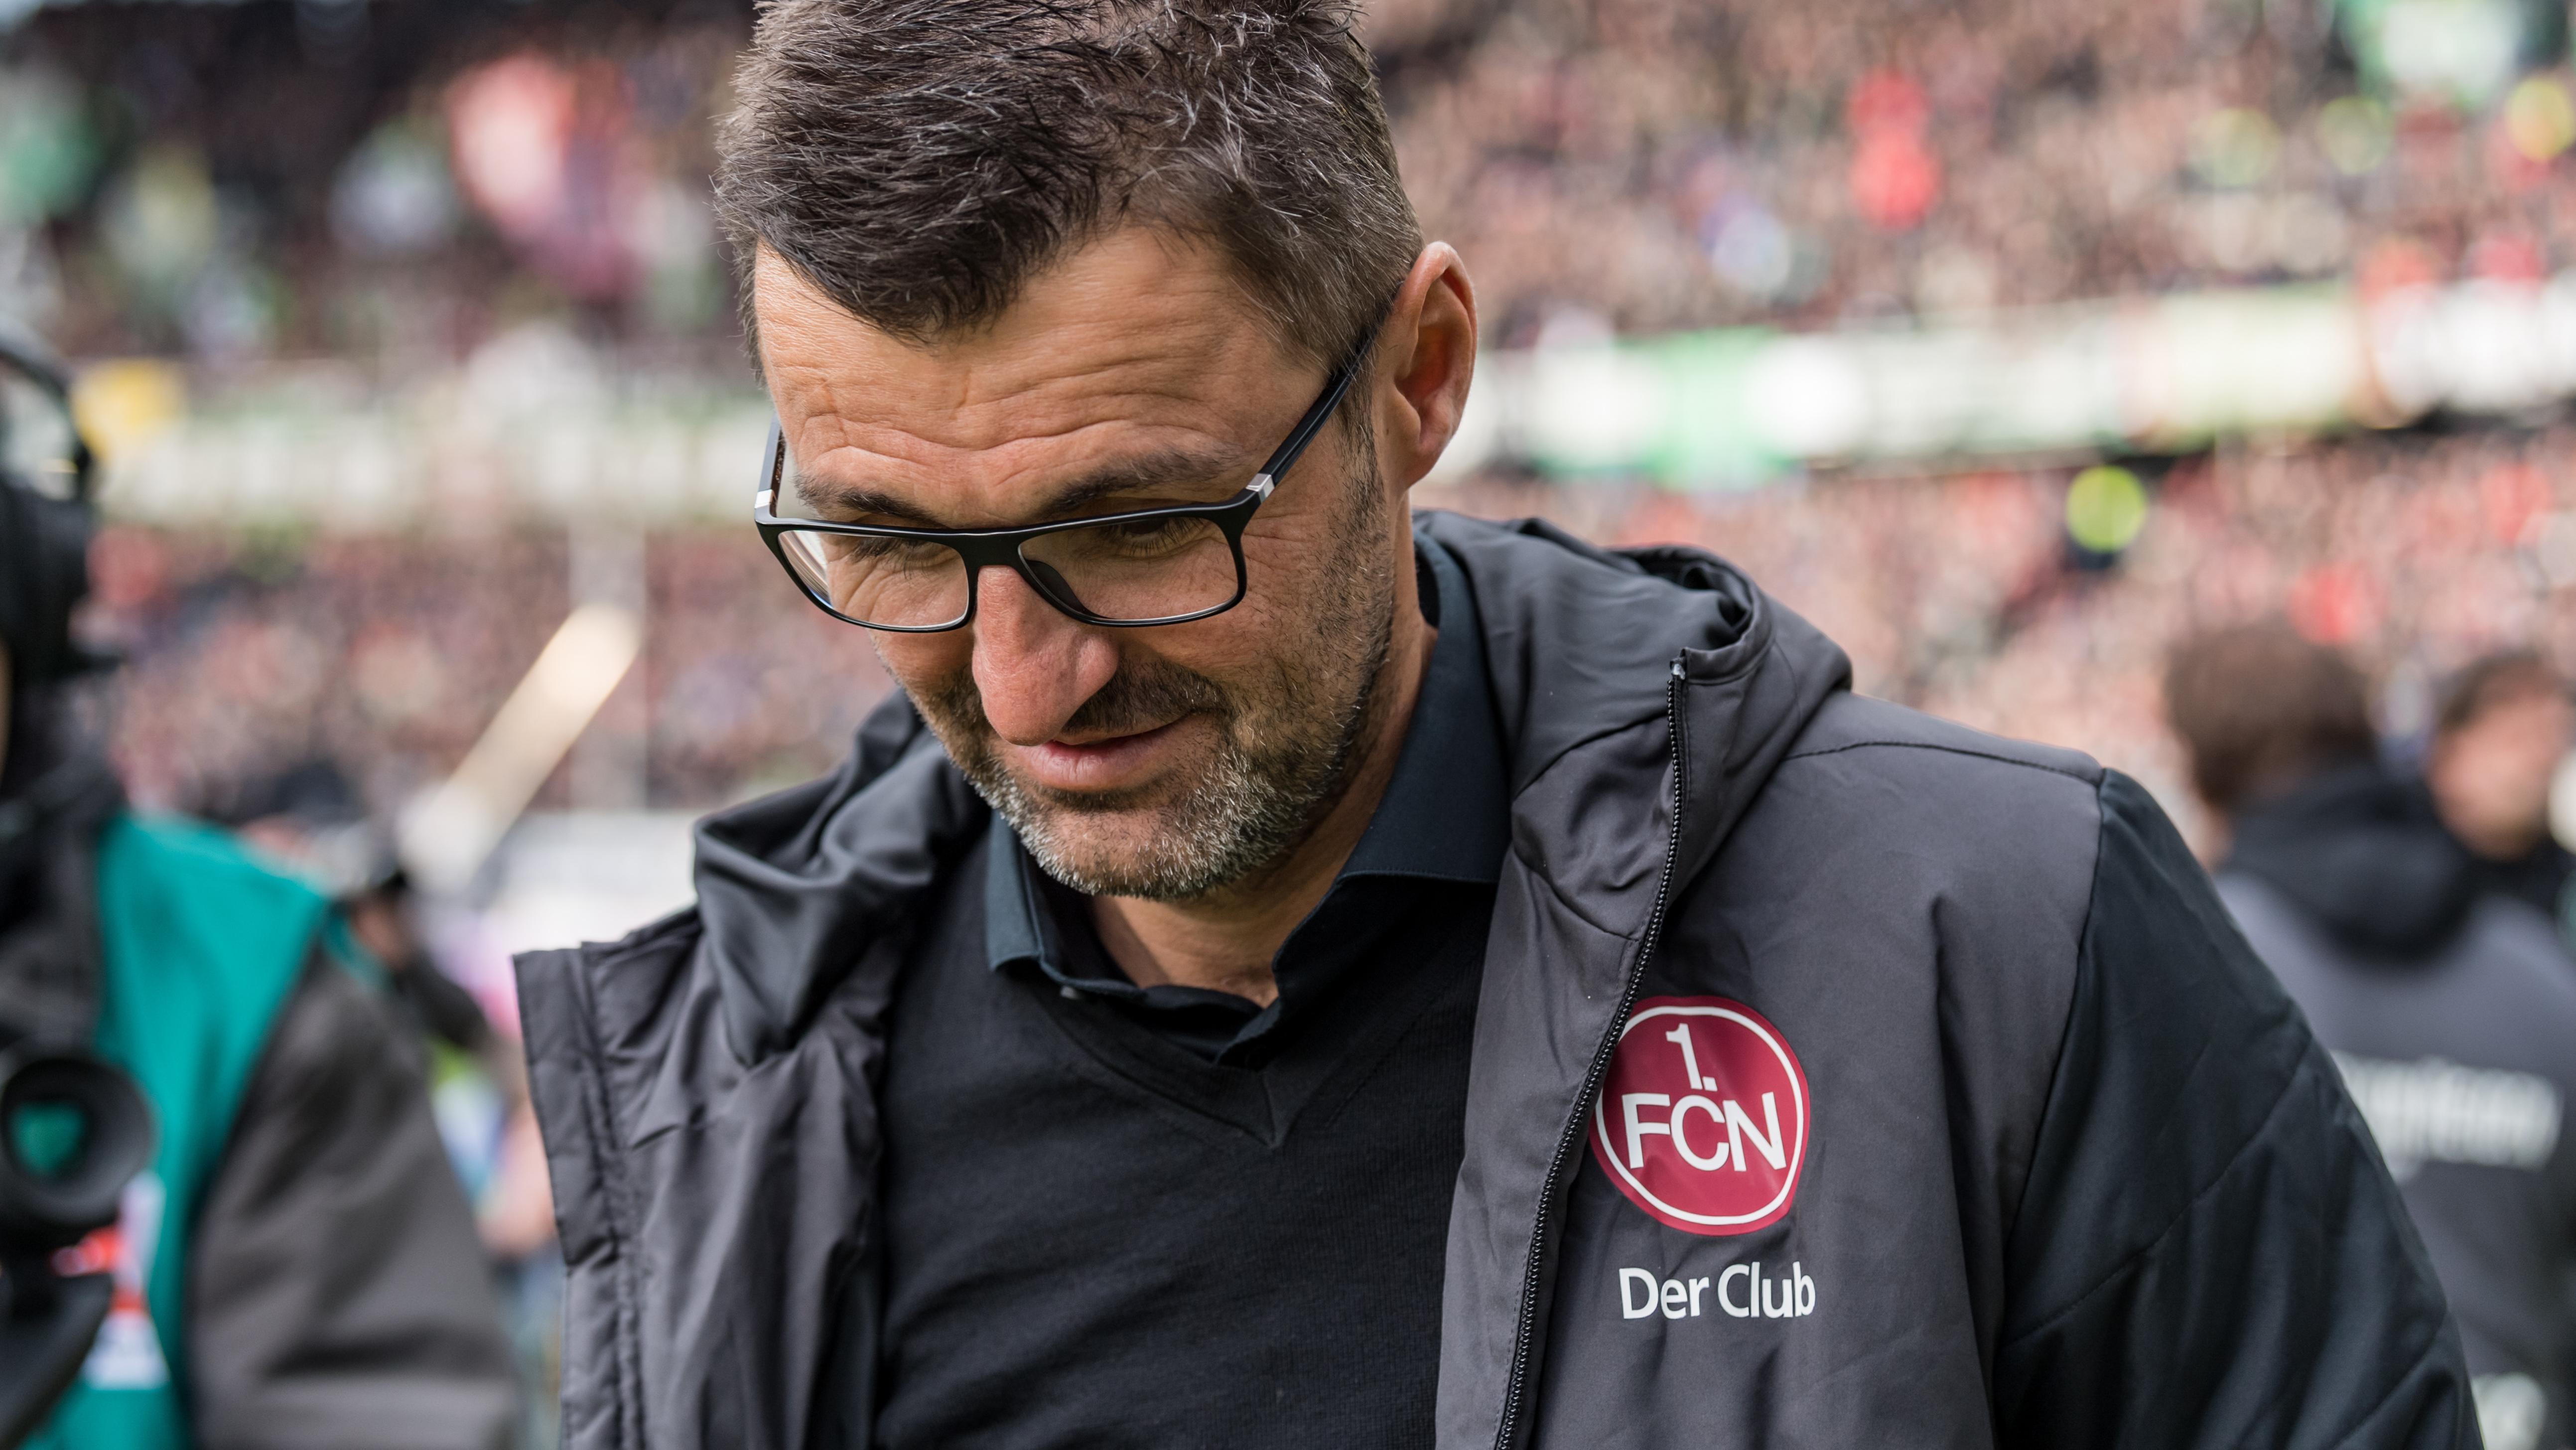 FCN-Trainer am 09.02.19 im Hannoveraner Stadion